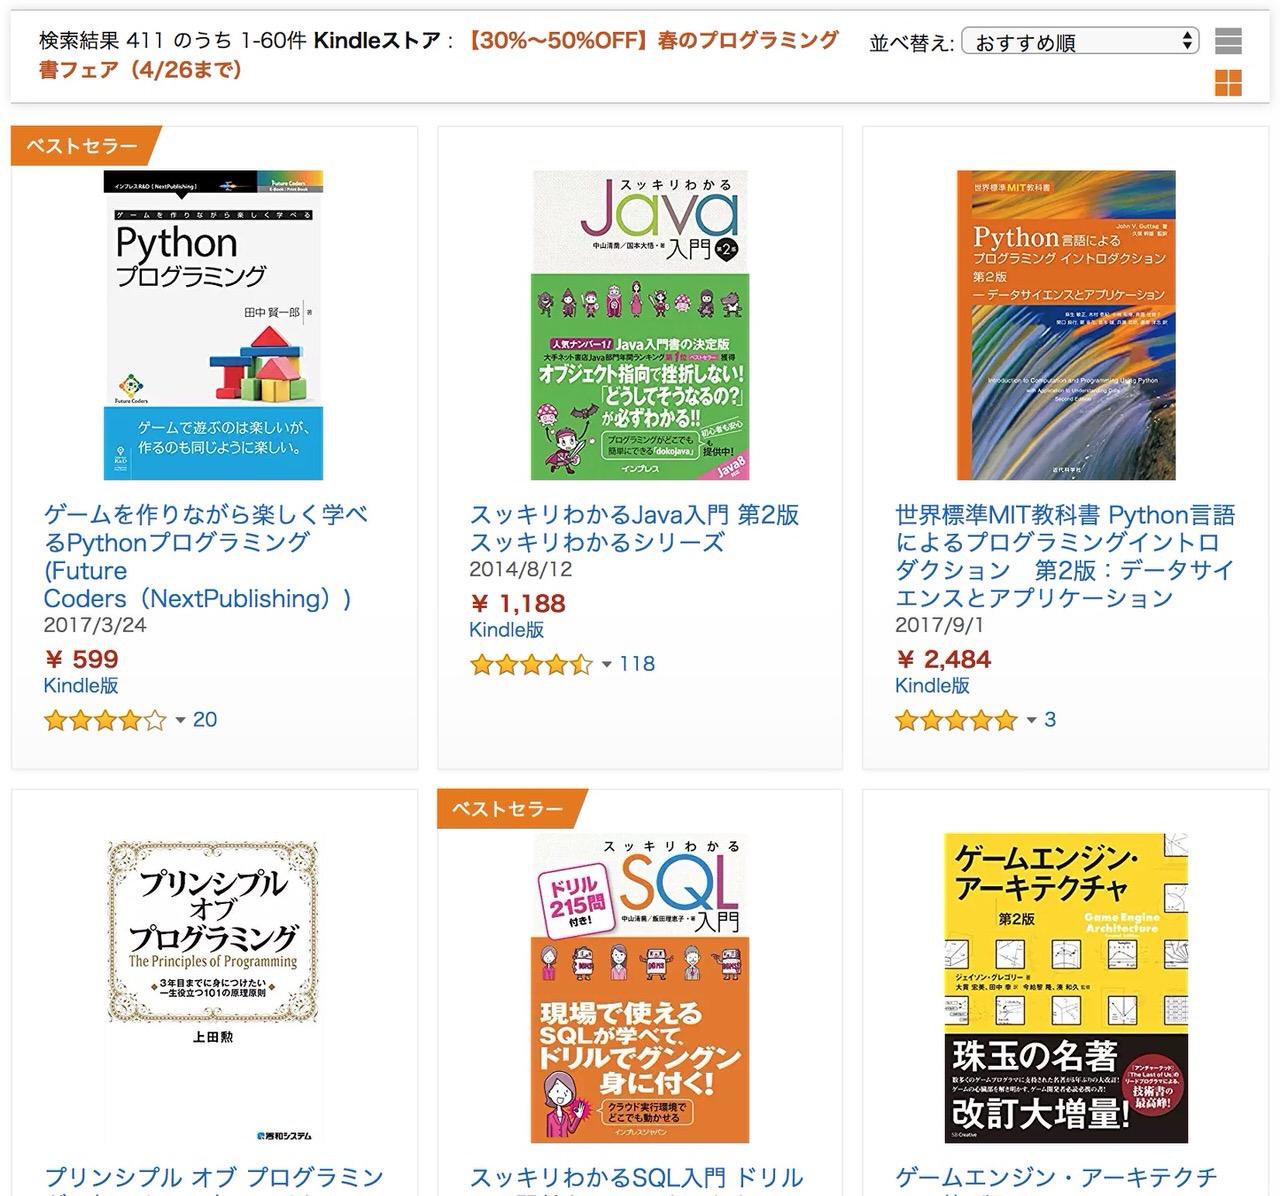 【Kindleセール】30%~50%OFF「春のプログラミング書フェア」(4/26まで)